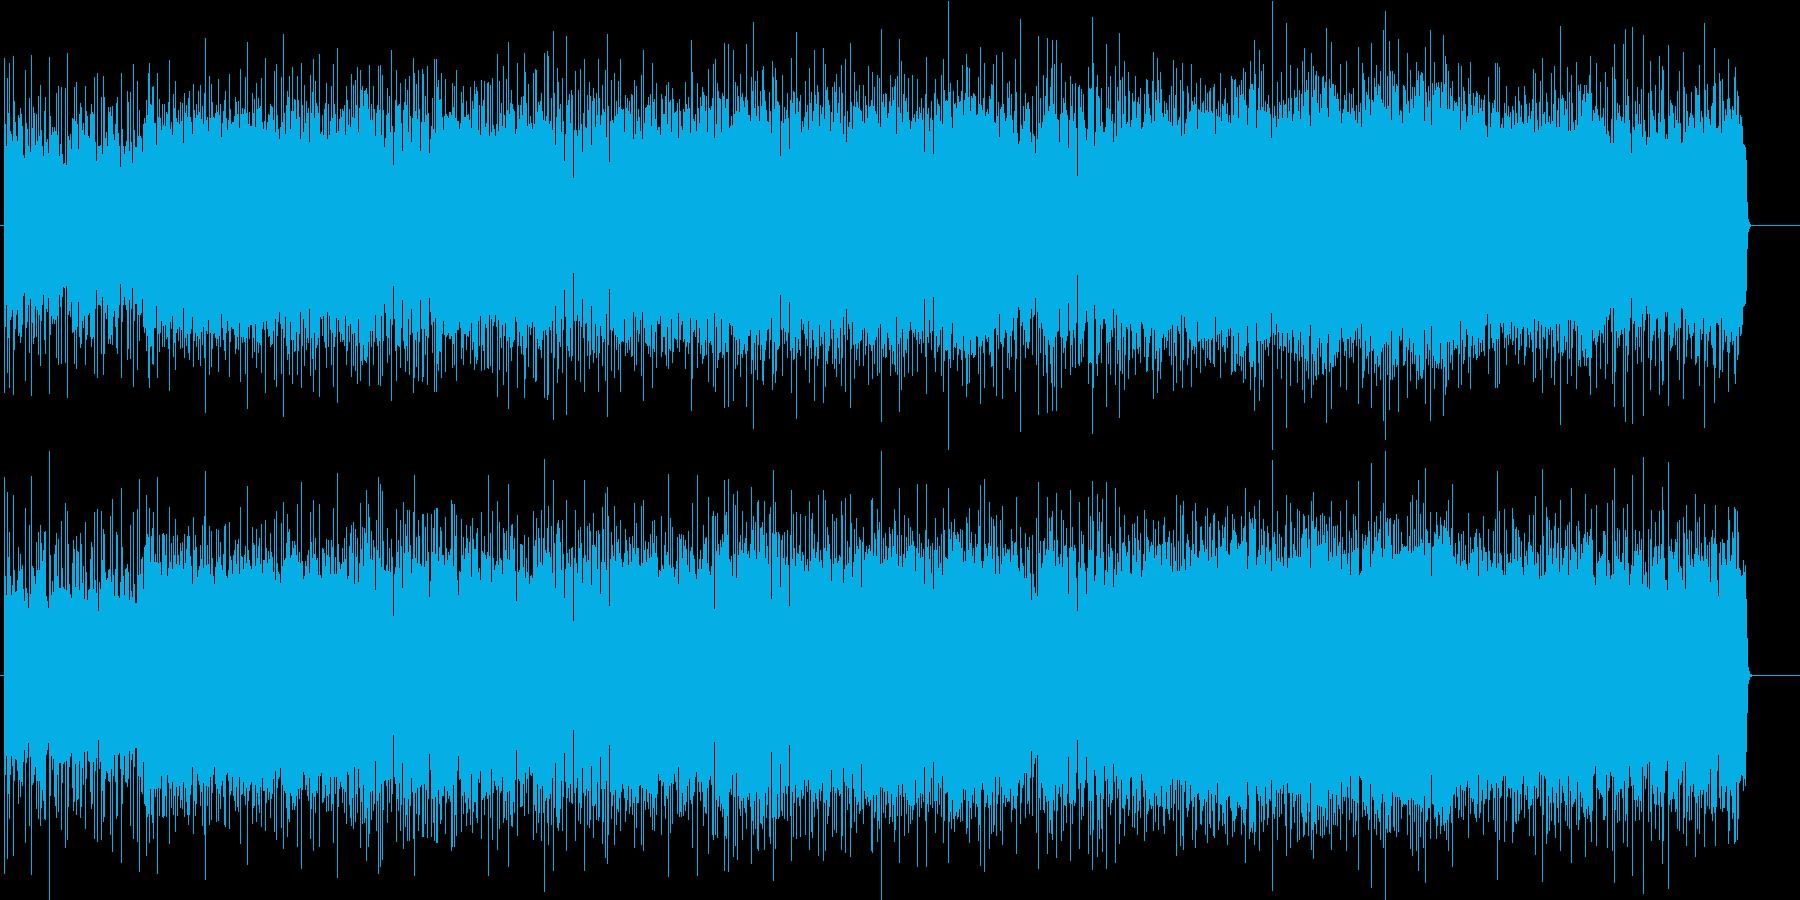 ラフで爽快なアメリカン・ロックの再生済みの波形